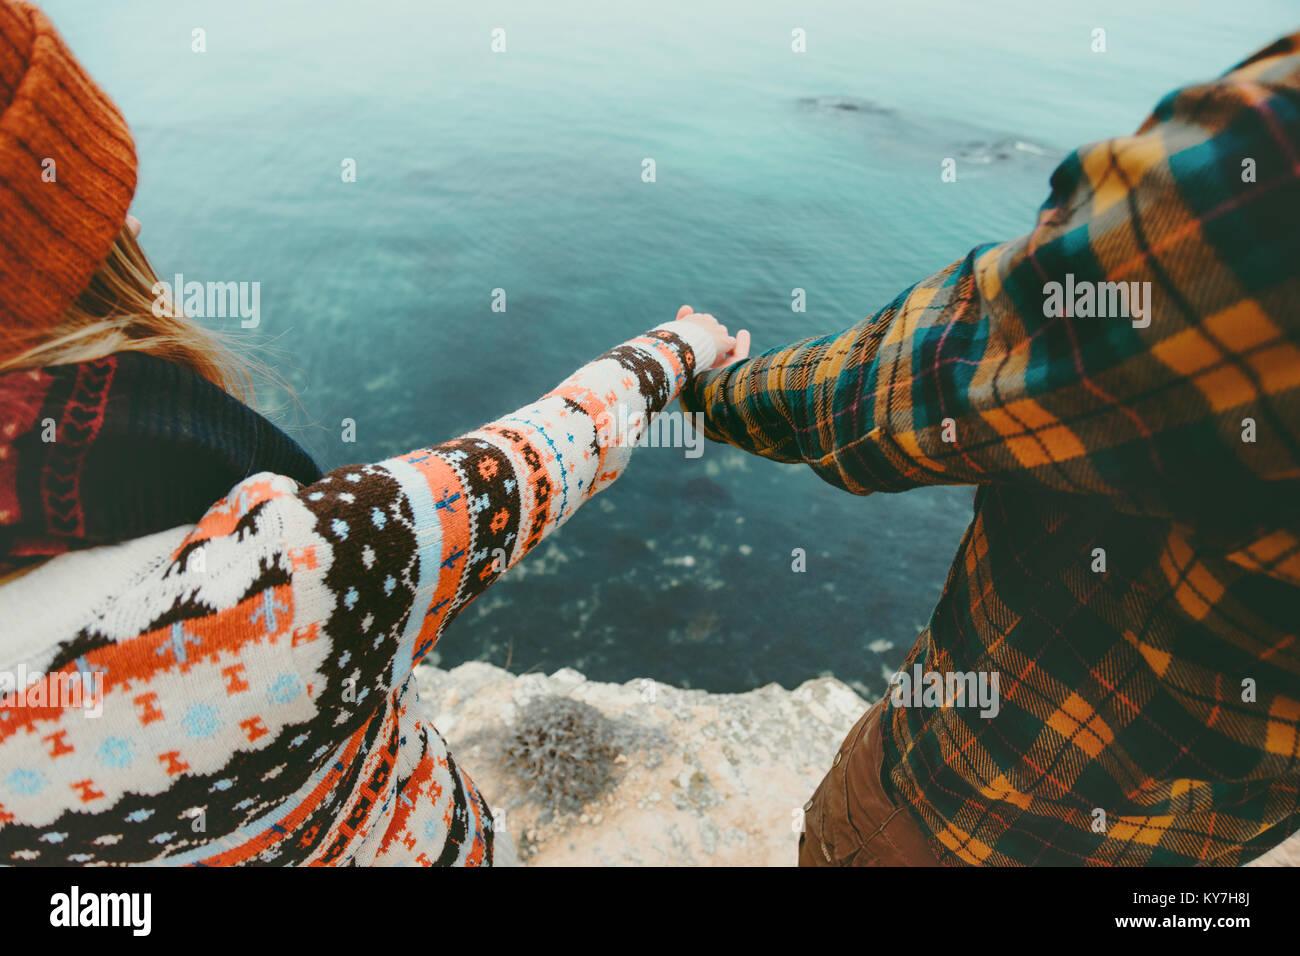 El amor de pareja en las manos de un hombre y una mujer viajan concepto de estilo de vida. Familia Joven viajar Imagen De Stock